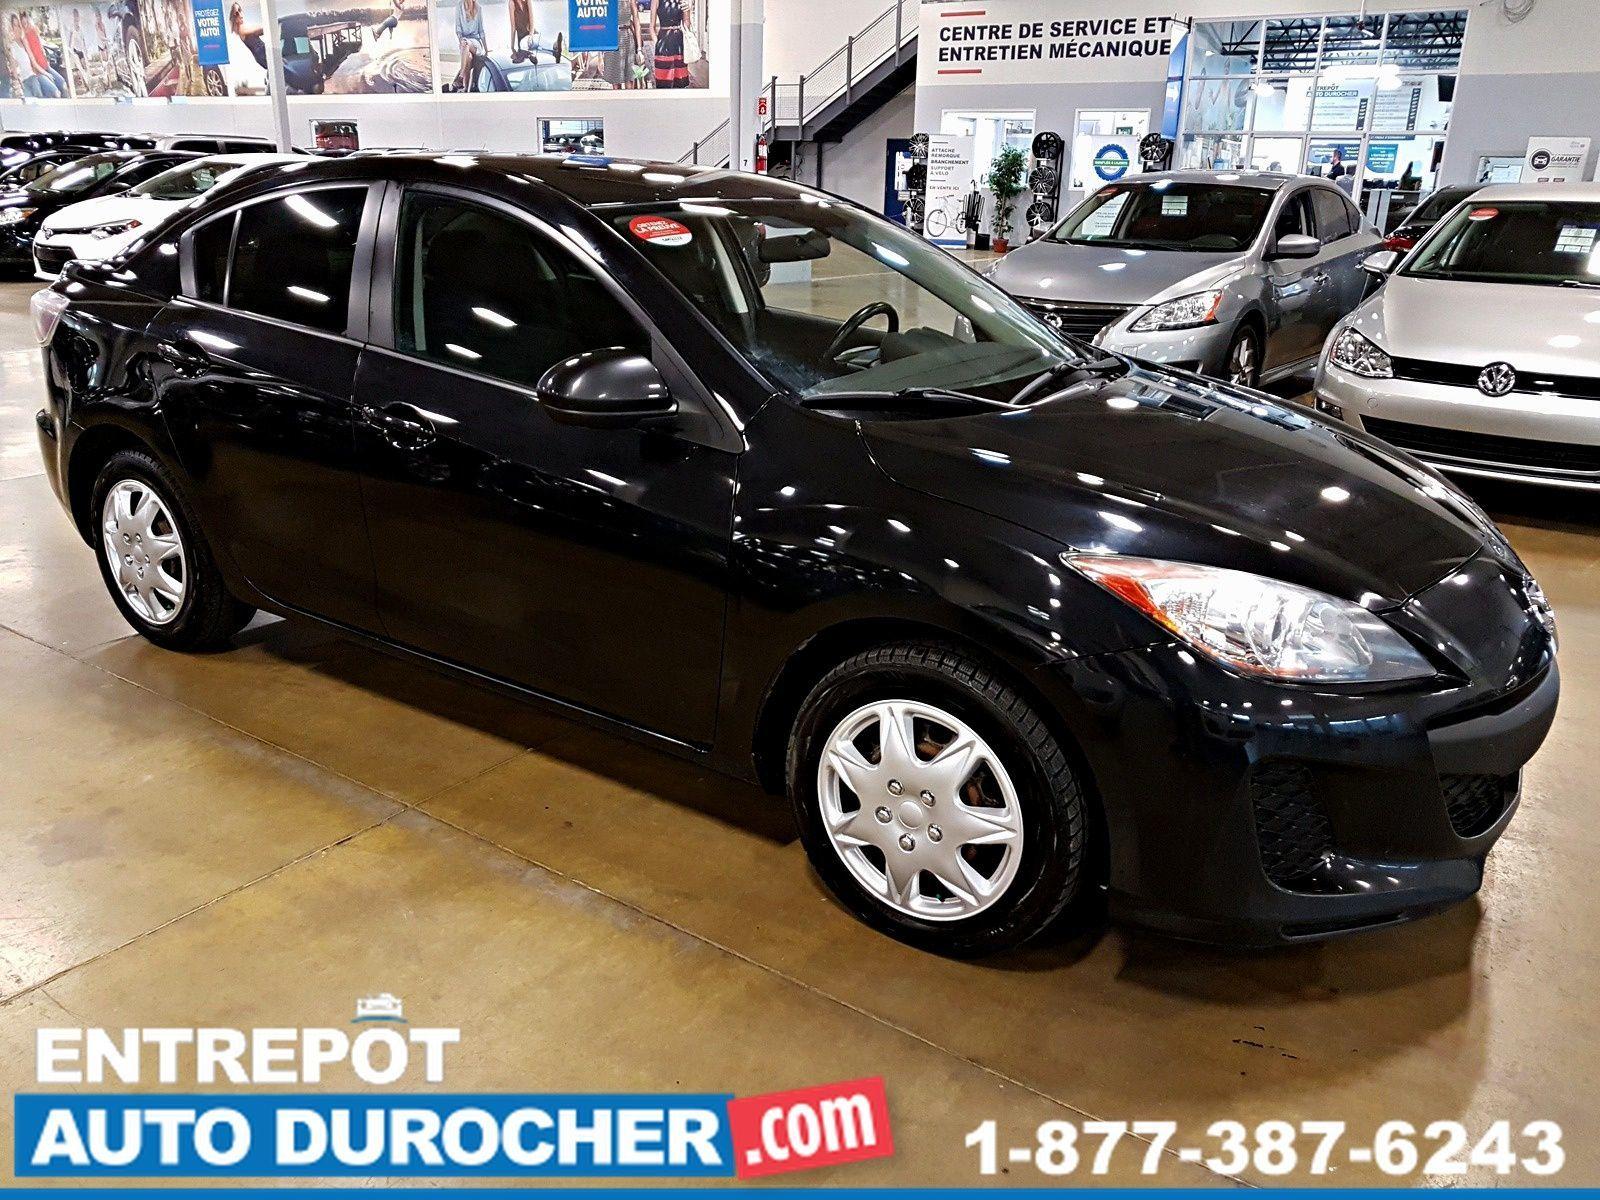 2013  Mazda Mazda3 GX - Groupe Électrique - Économique